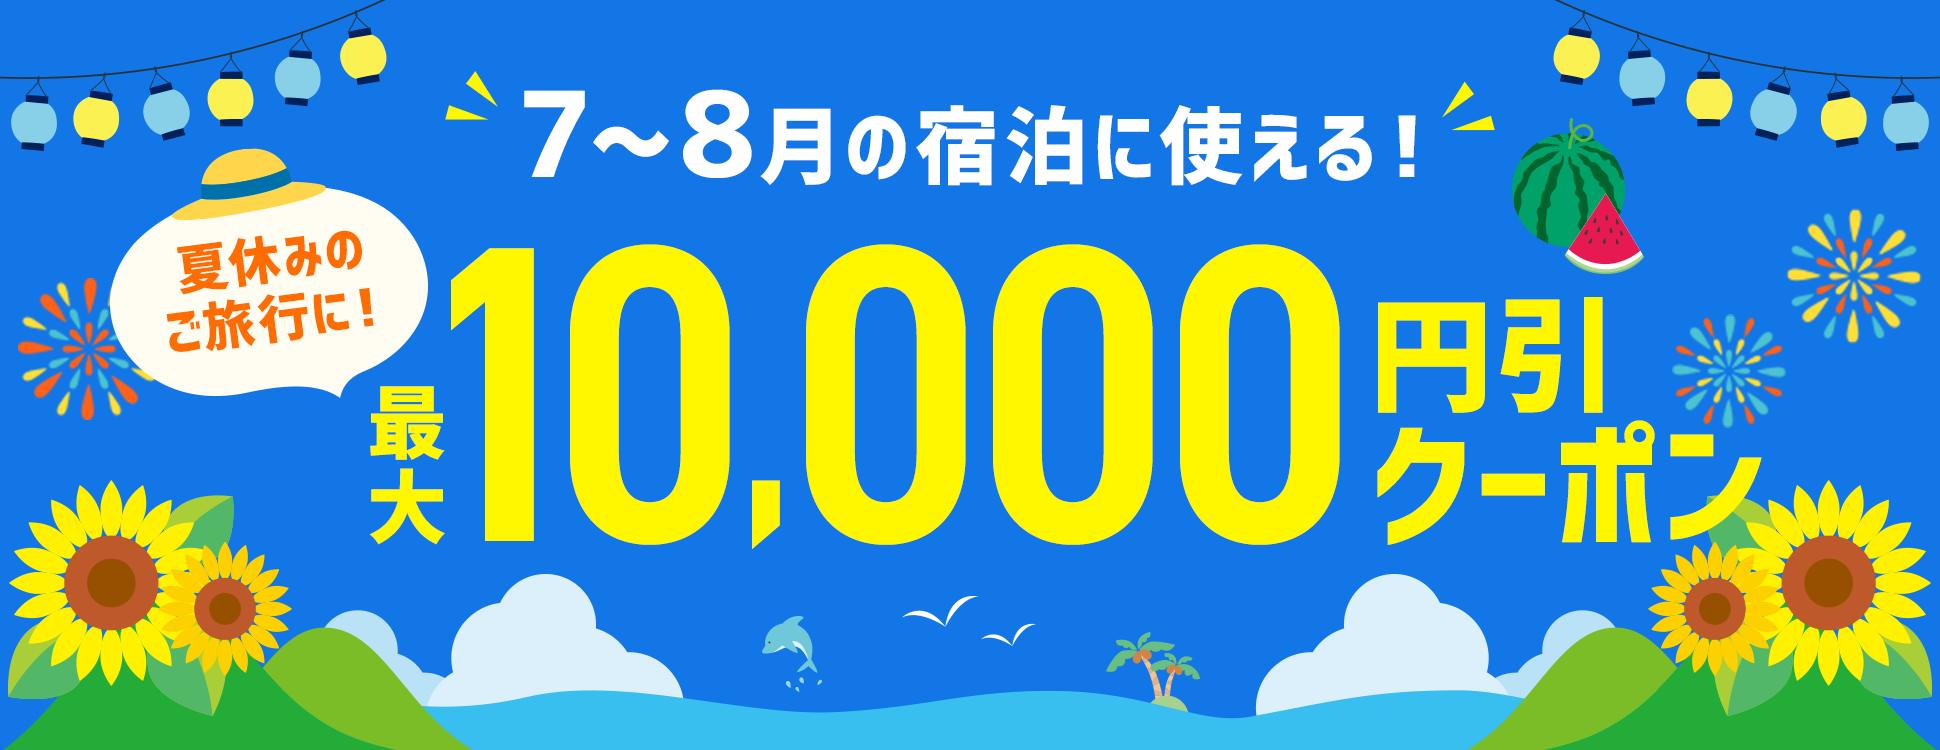 【第2弾】夏休みの旅行予約はお早めに!7~8月の宿泊に使える最大10,000円引クーポン